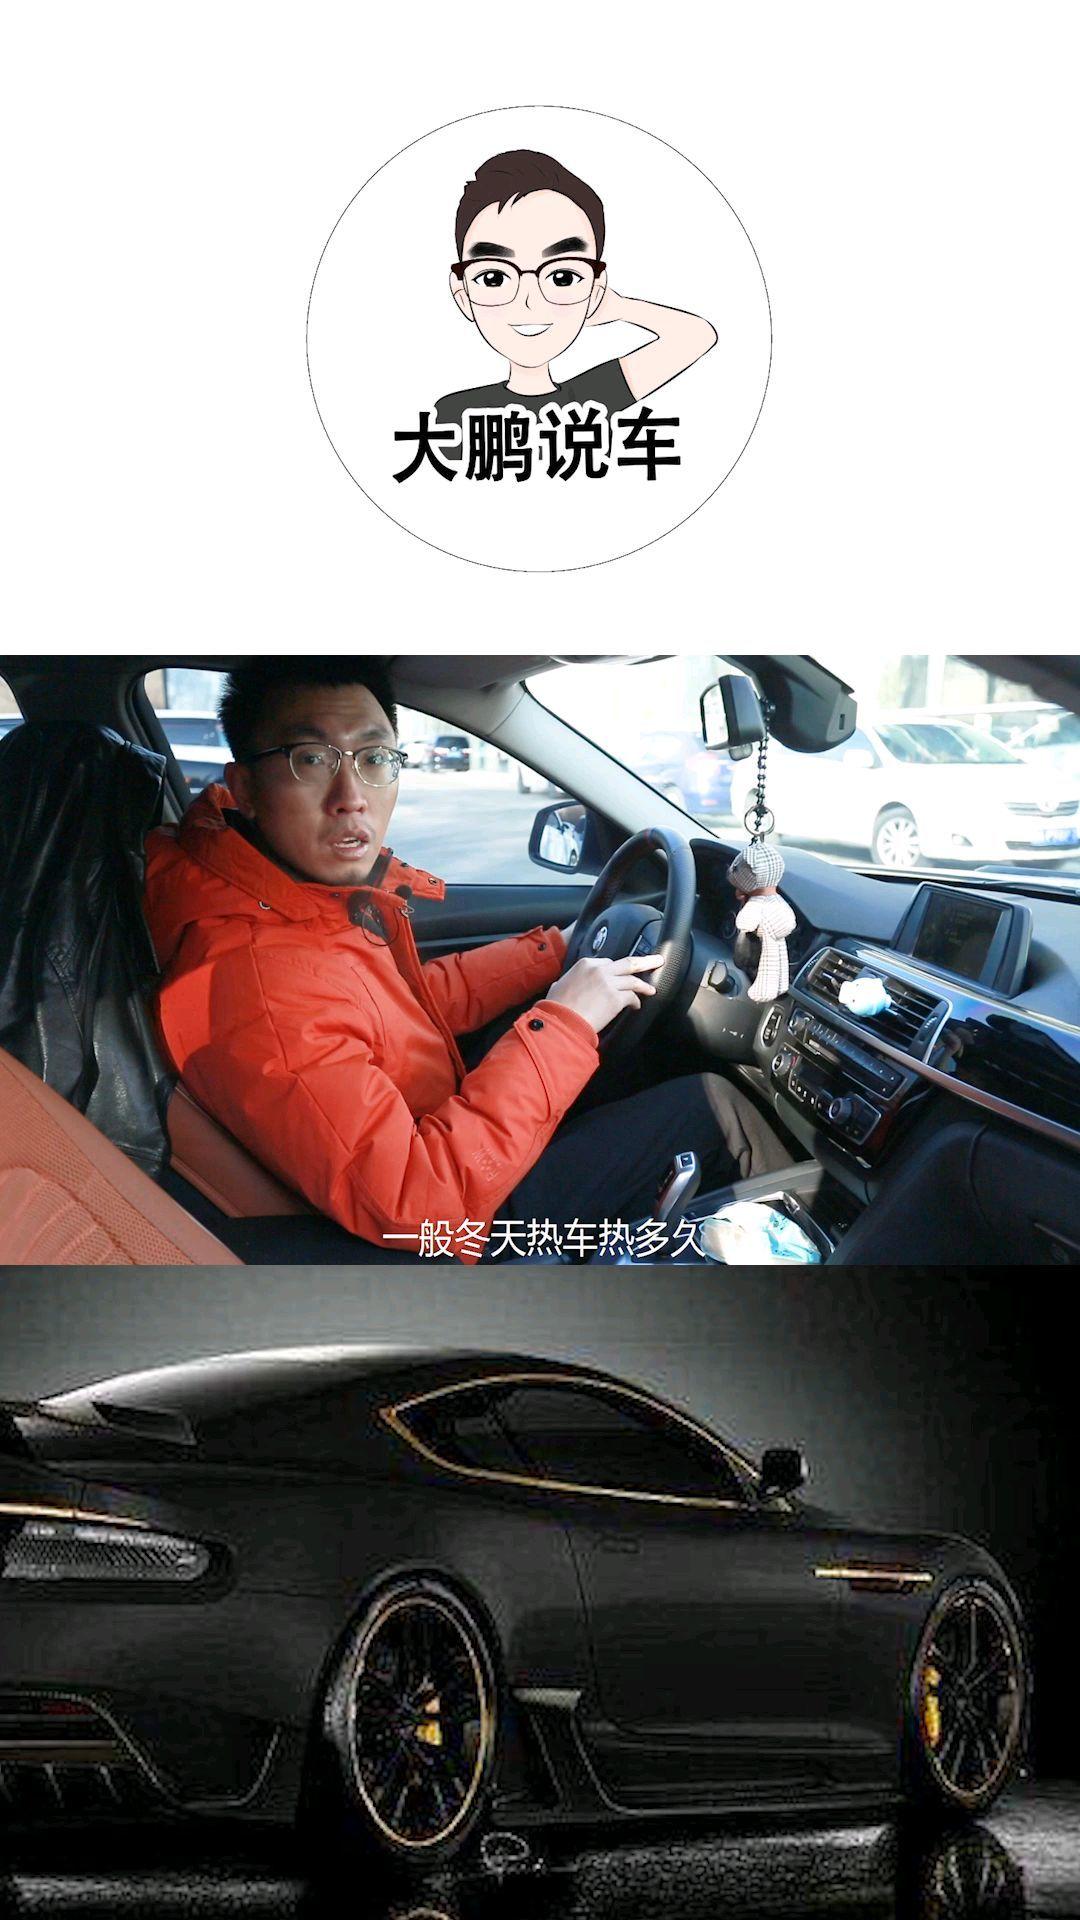 【大鹏说车】冬天怎么热车?冬季热车?